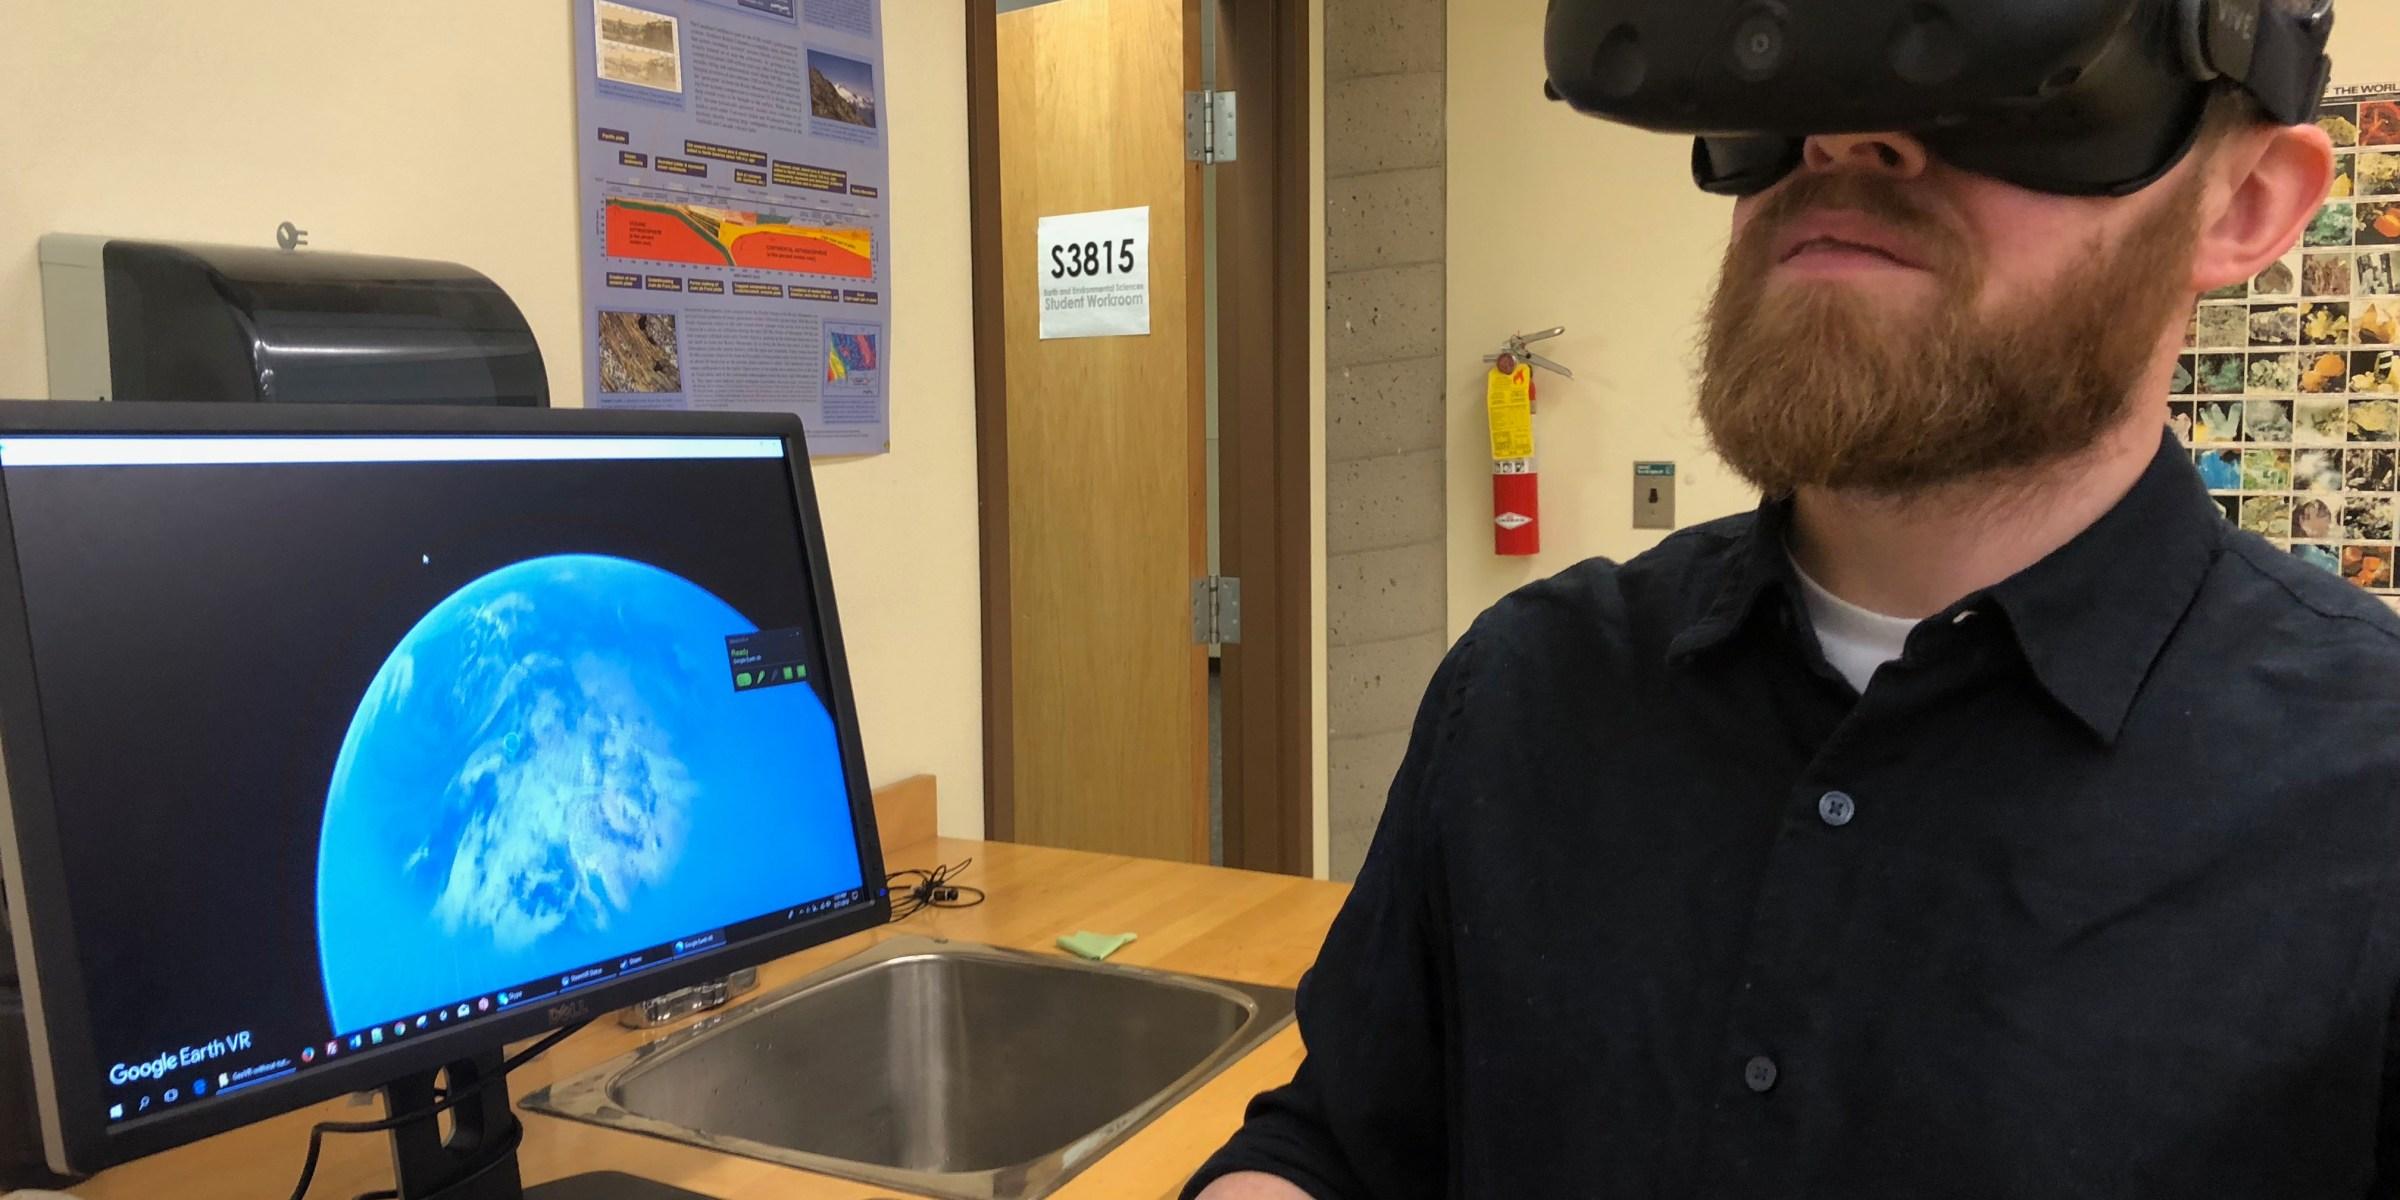 Derek Turner uses VR glasses